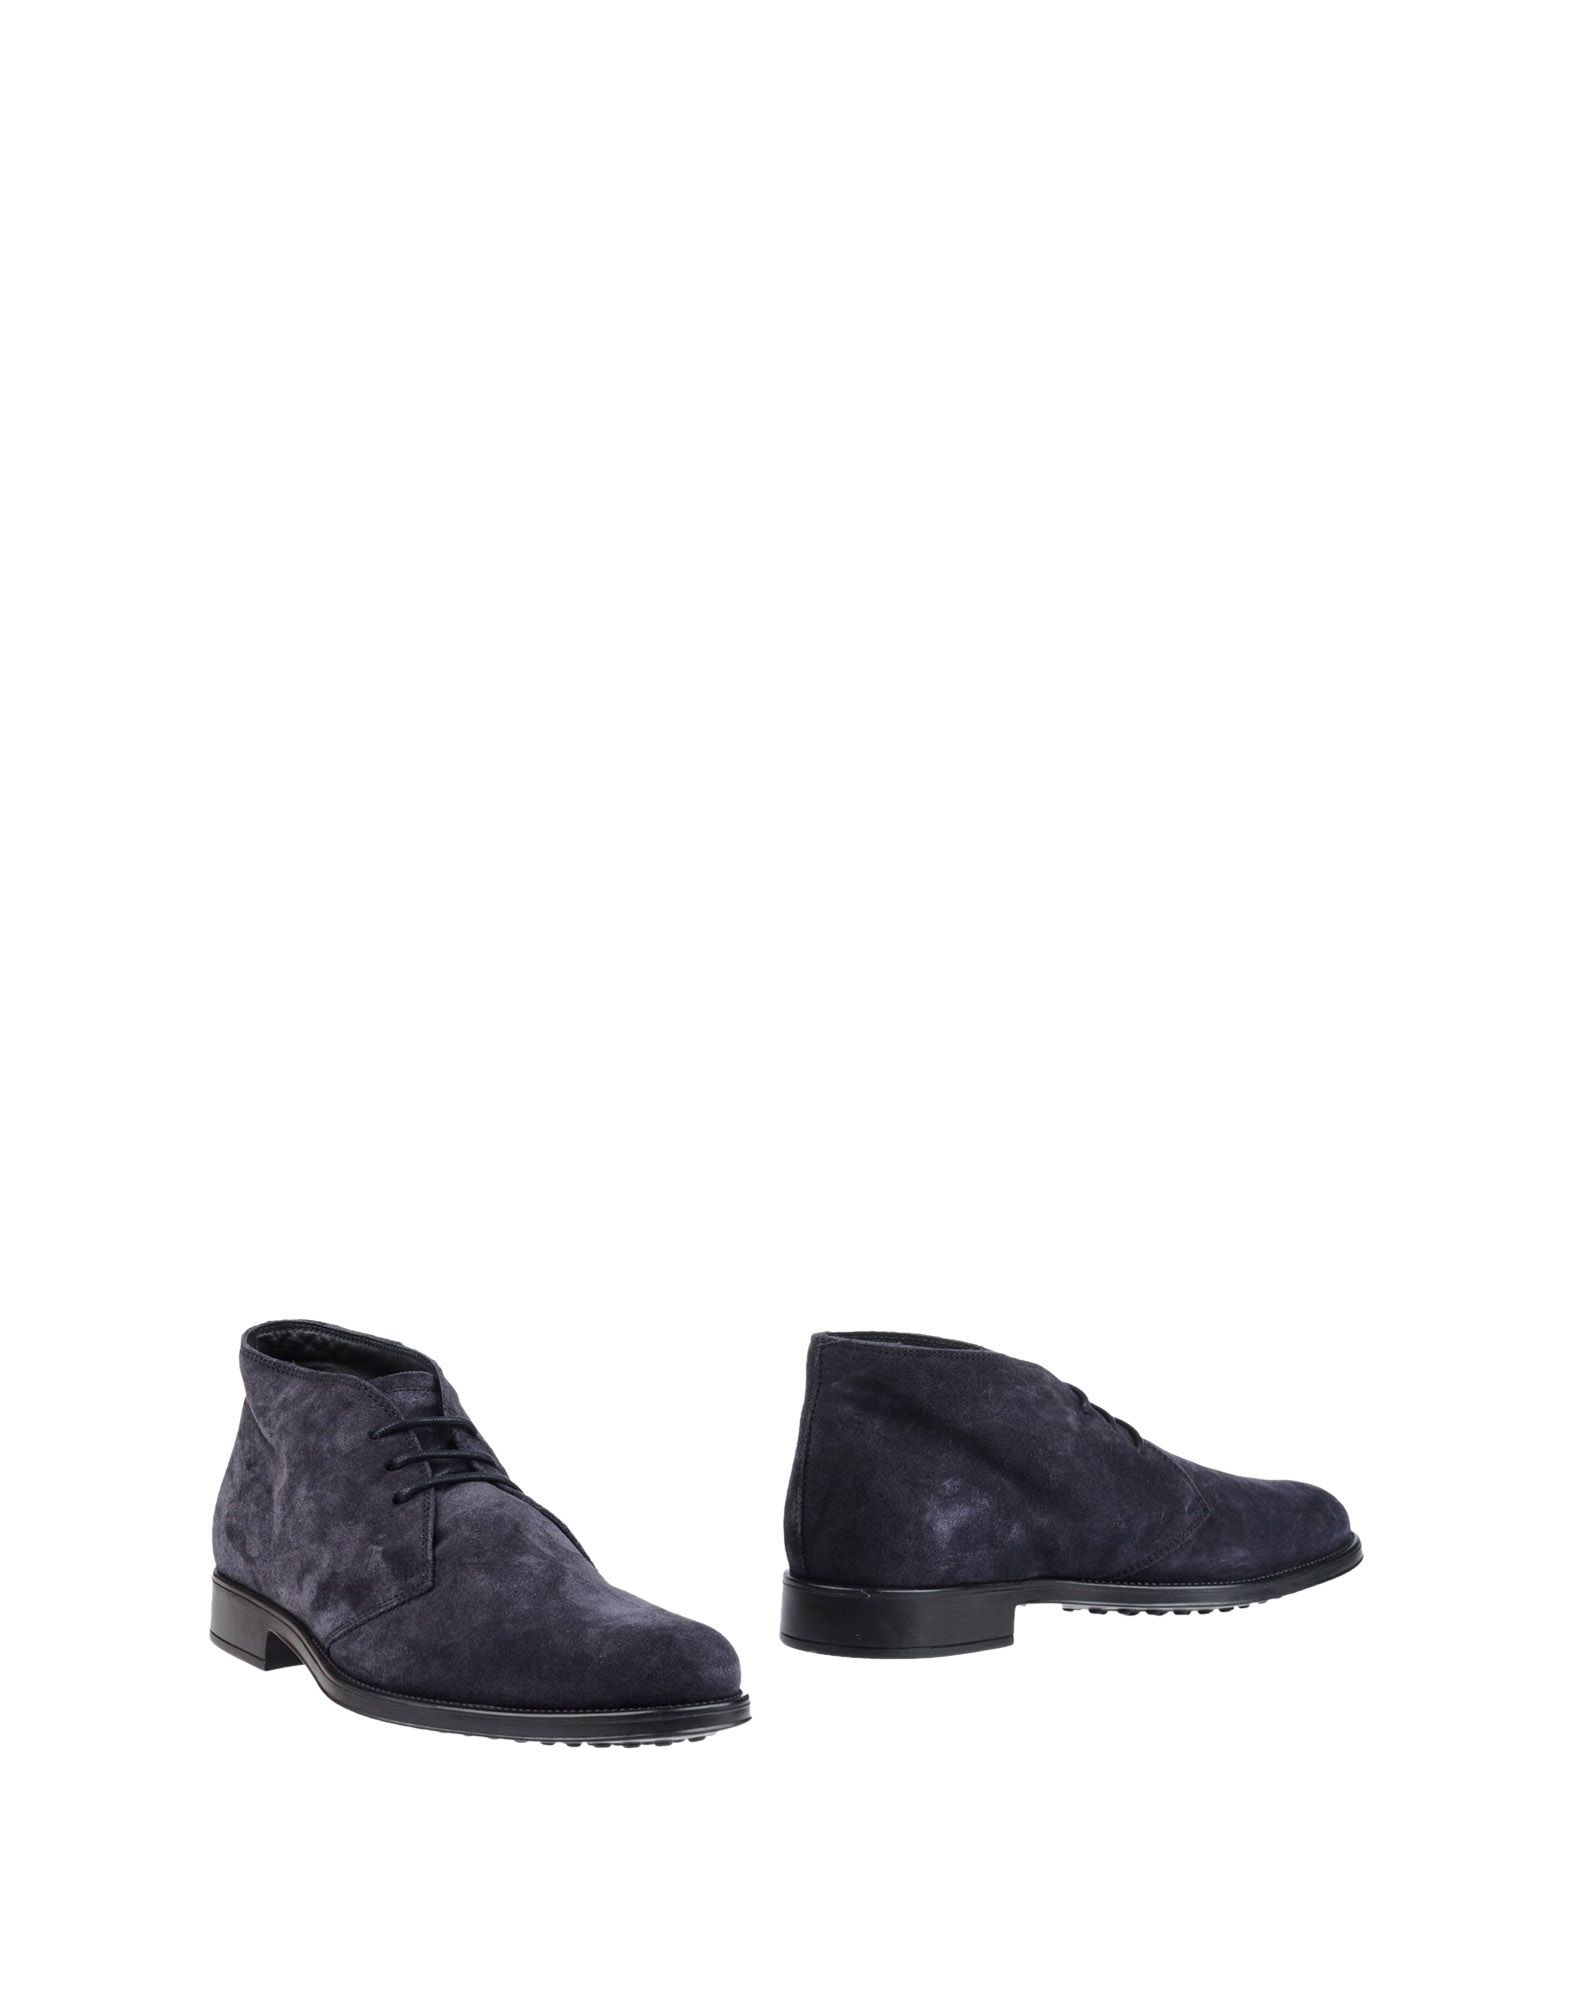 Tod's Gute Stiefelette Herren  11242251XO Gute Tod's Qualität beliebte Schuhe 9ba472